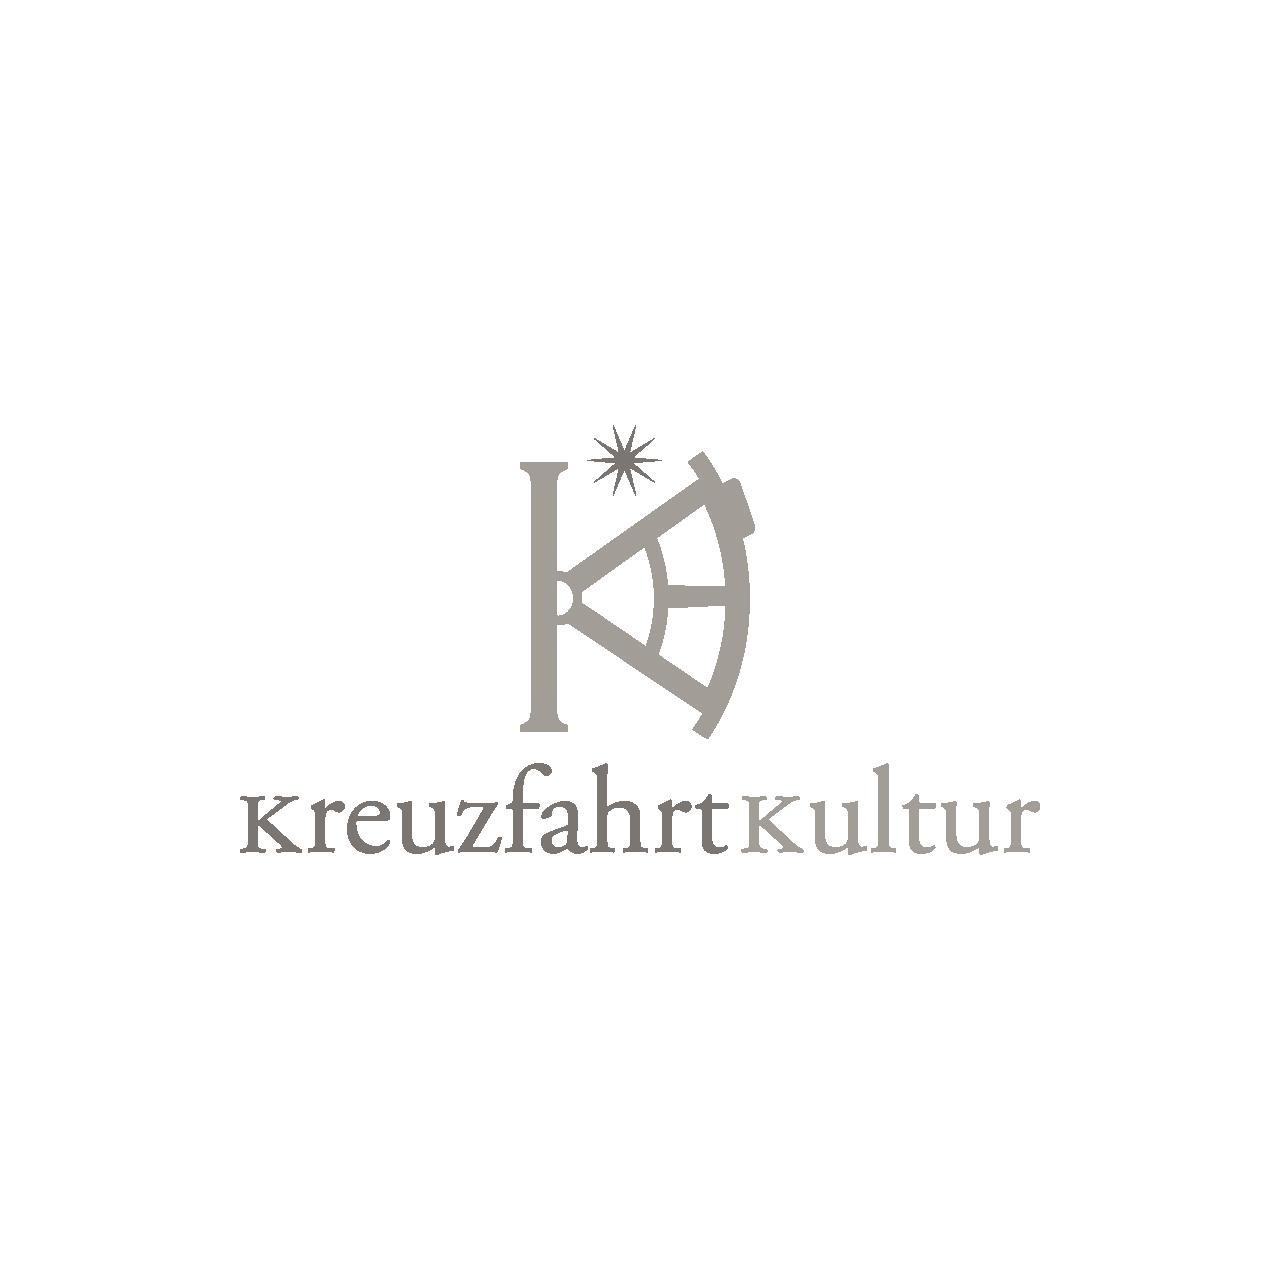 Logodesign aus München - Nieder und Marx Design